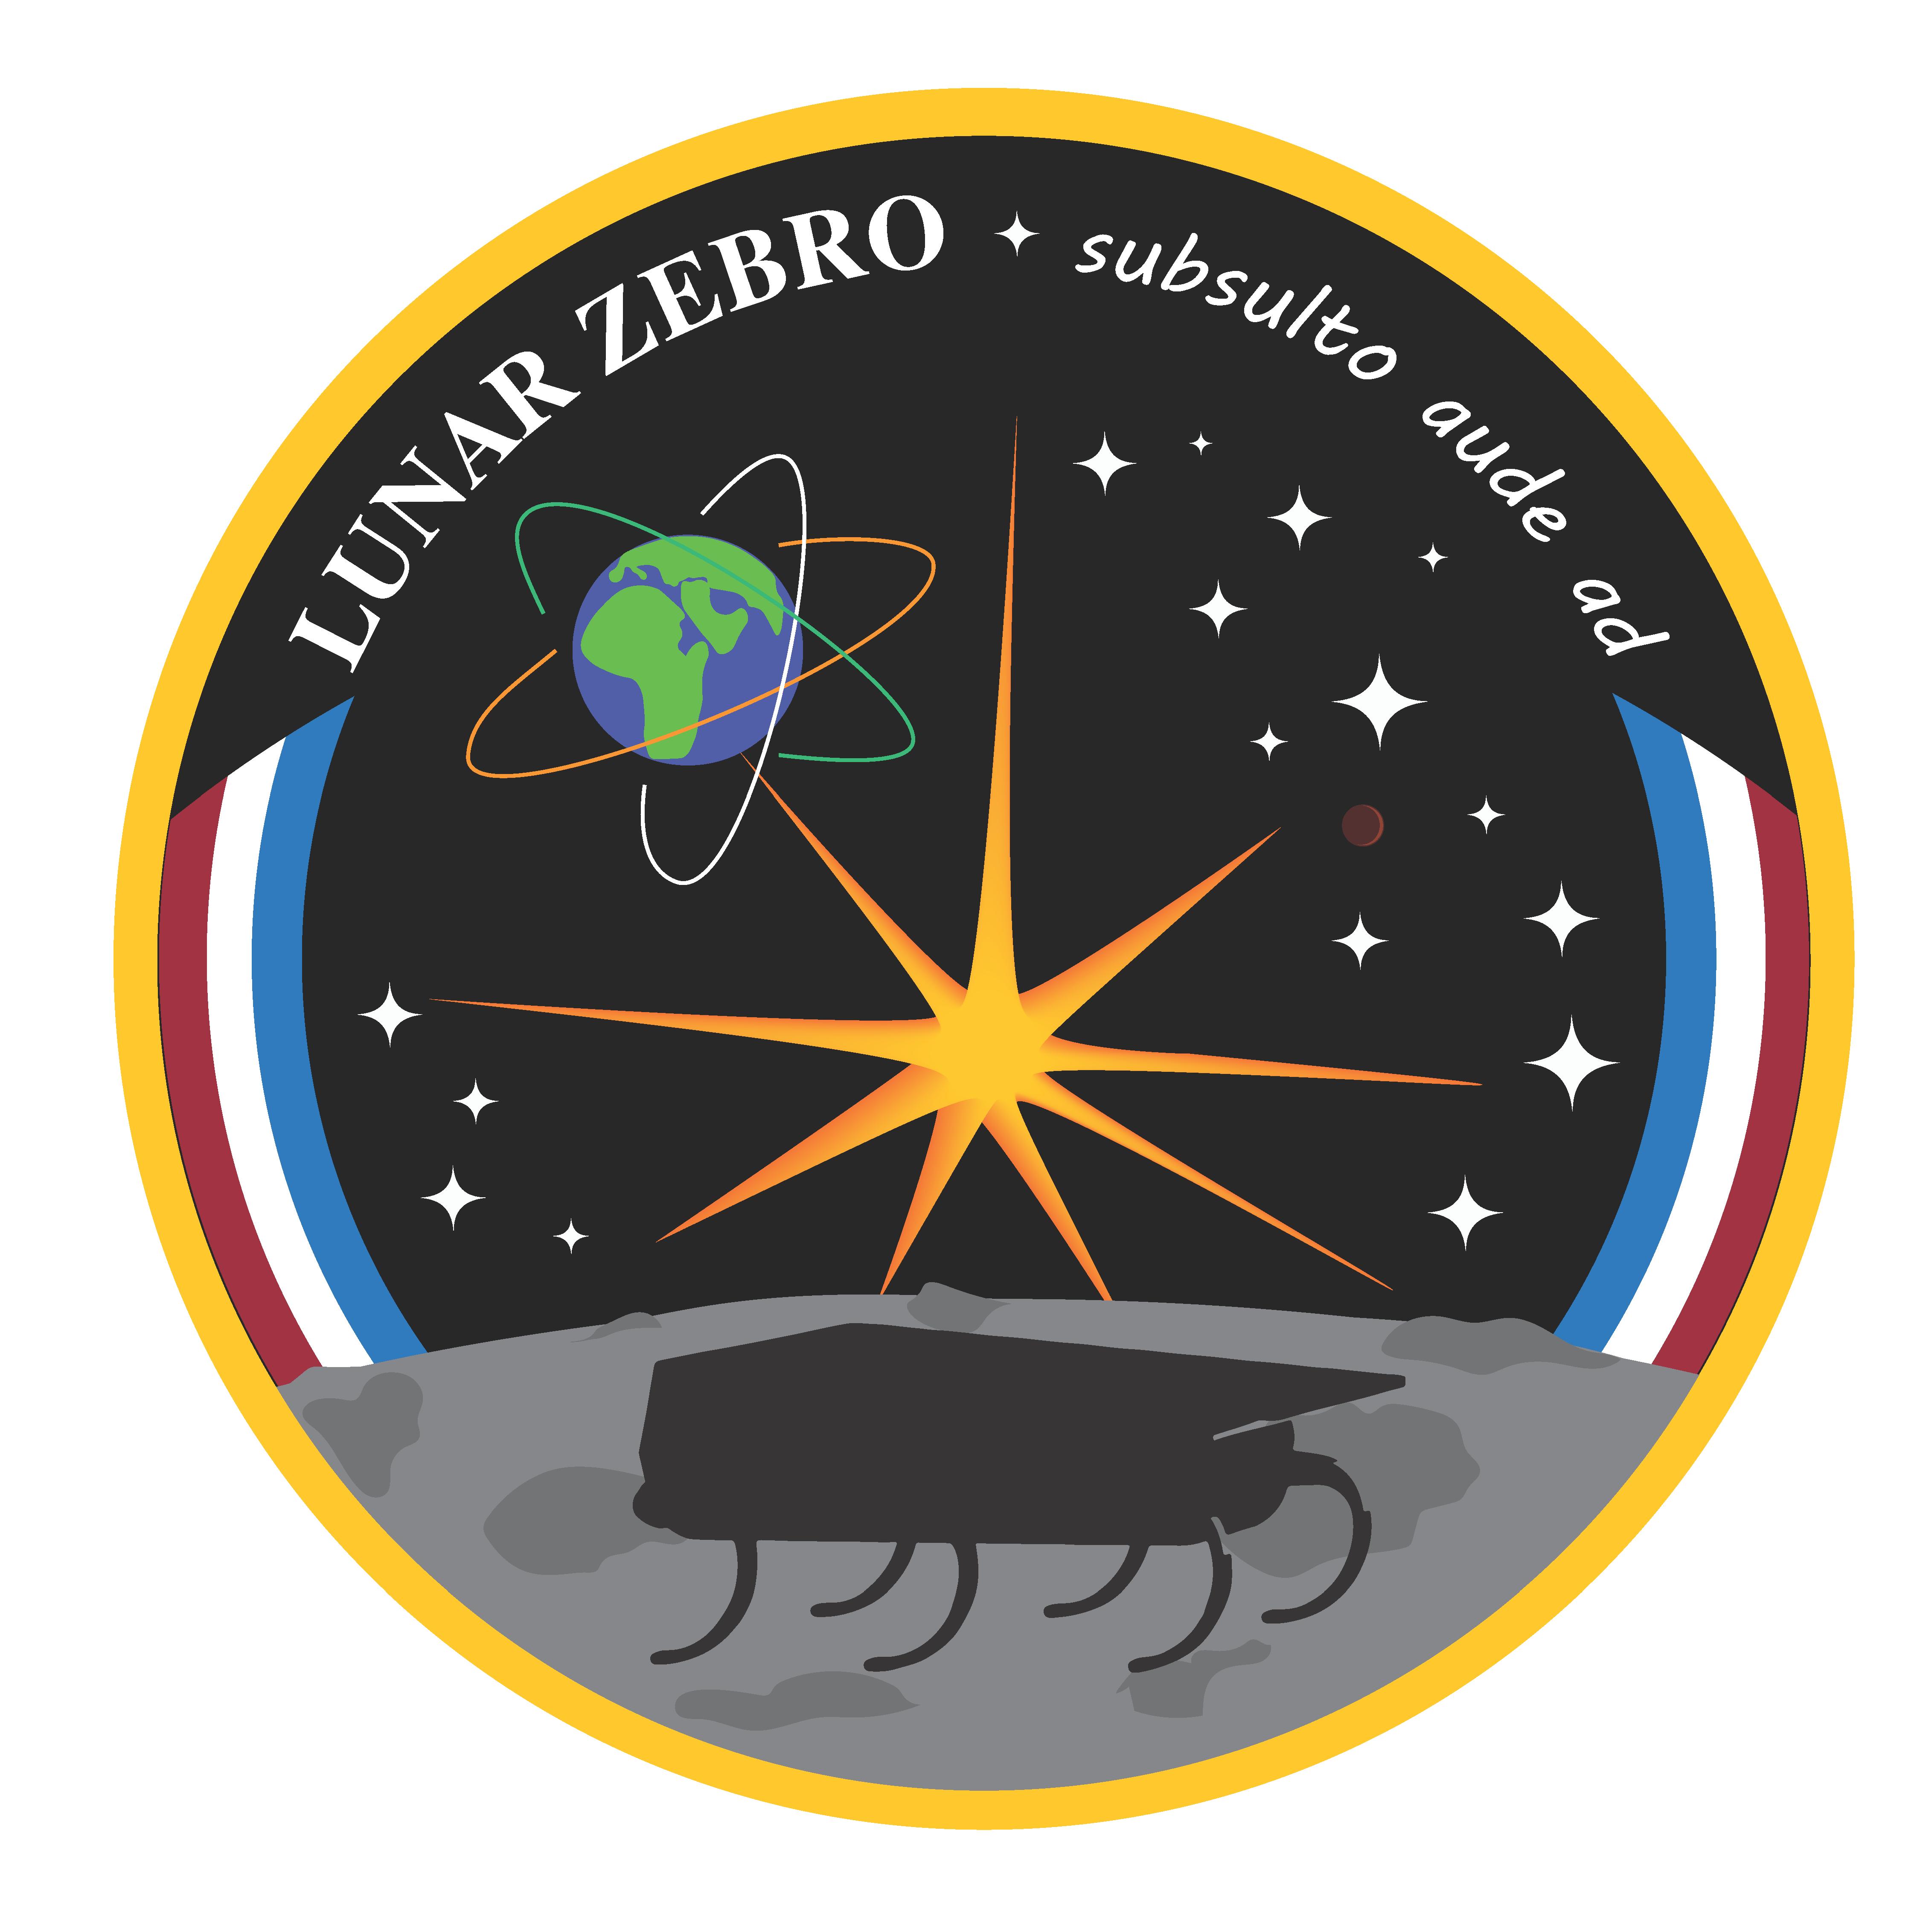 Lunar Zebro